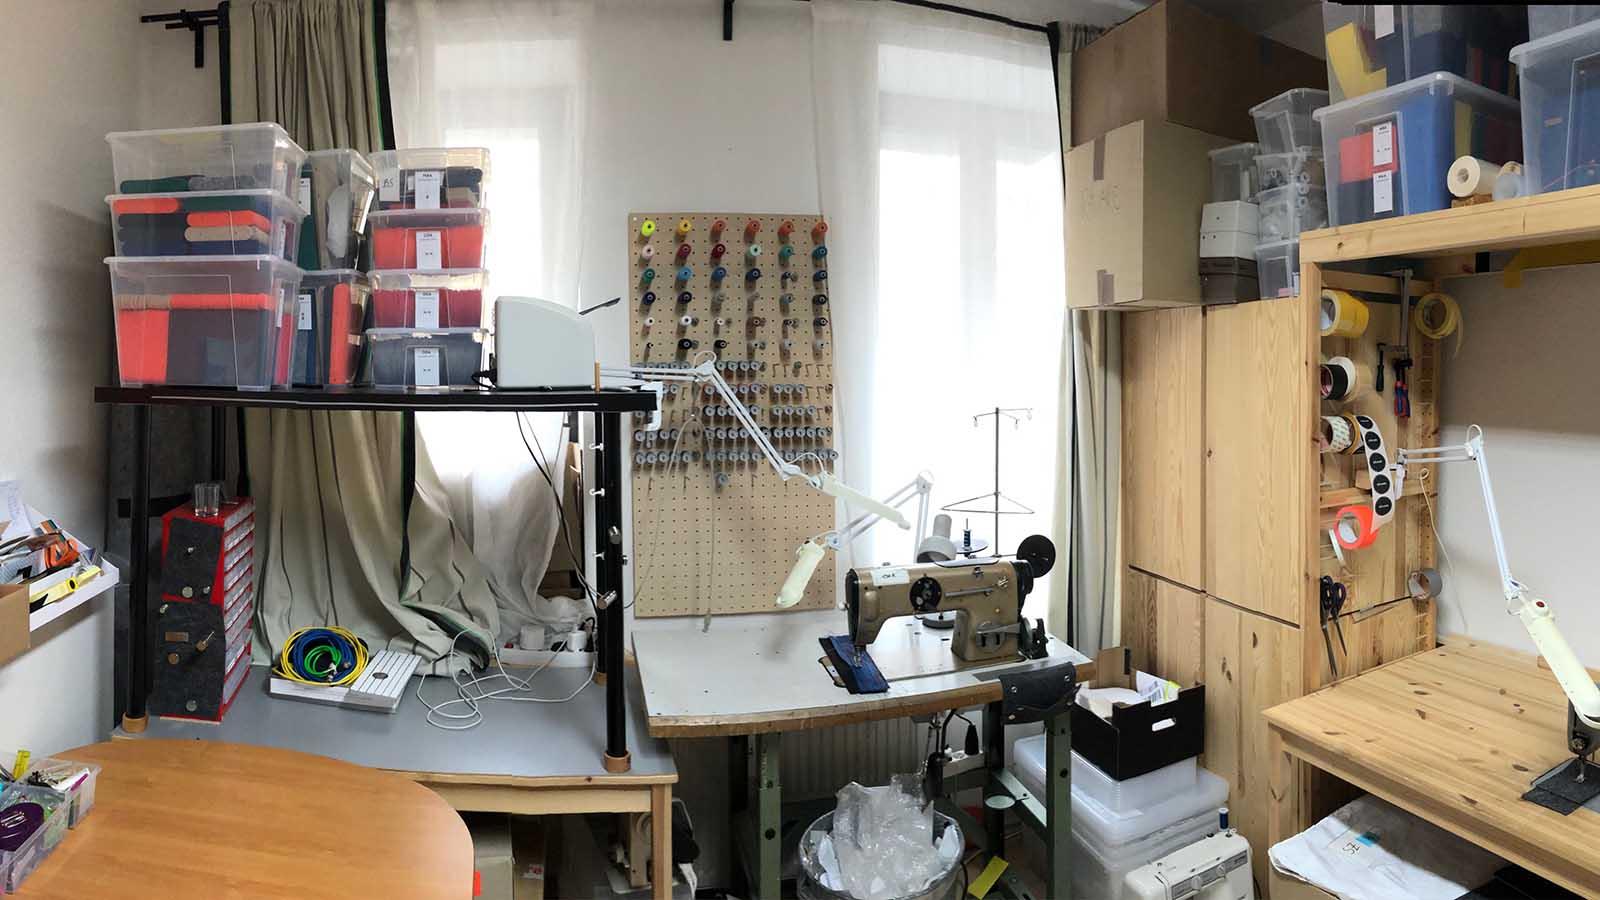 15qm Atelier für alle Arbeitsschritte. Da bleibt kein Raum für Ideen.